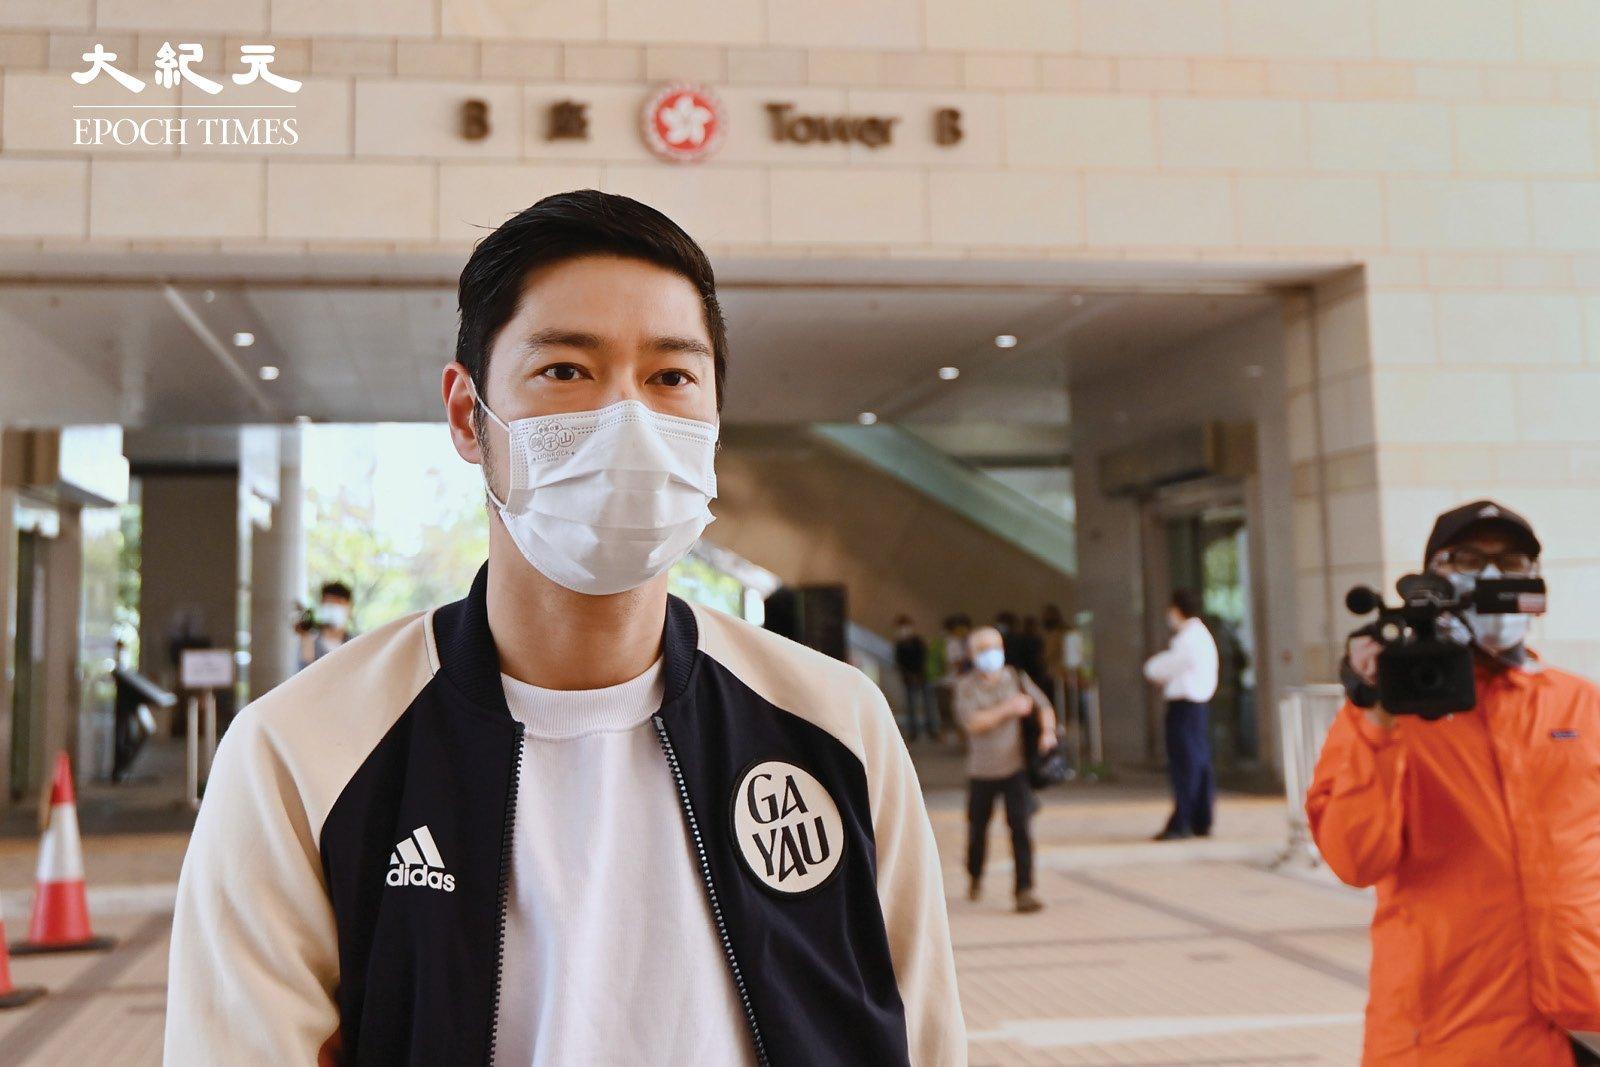 去年被控「進入或逗留在會議廳範圍」及暴動罪的王宗堯,2021年3月26日在西九龍法院應訊。(宋碧龍/大紀元)